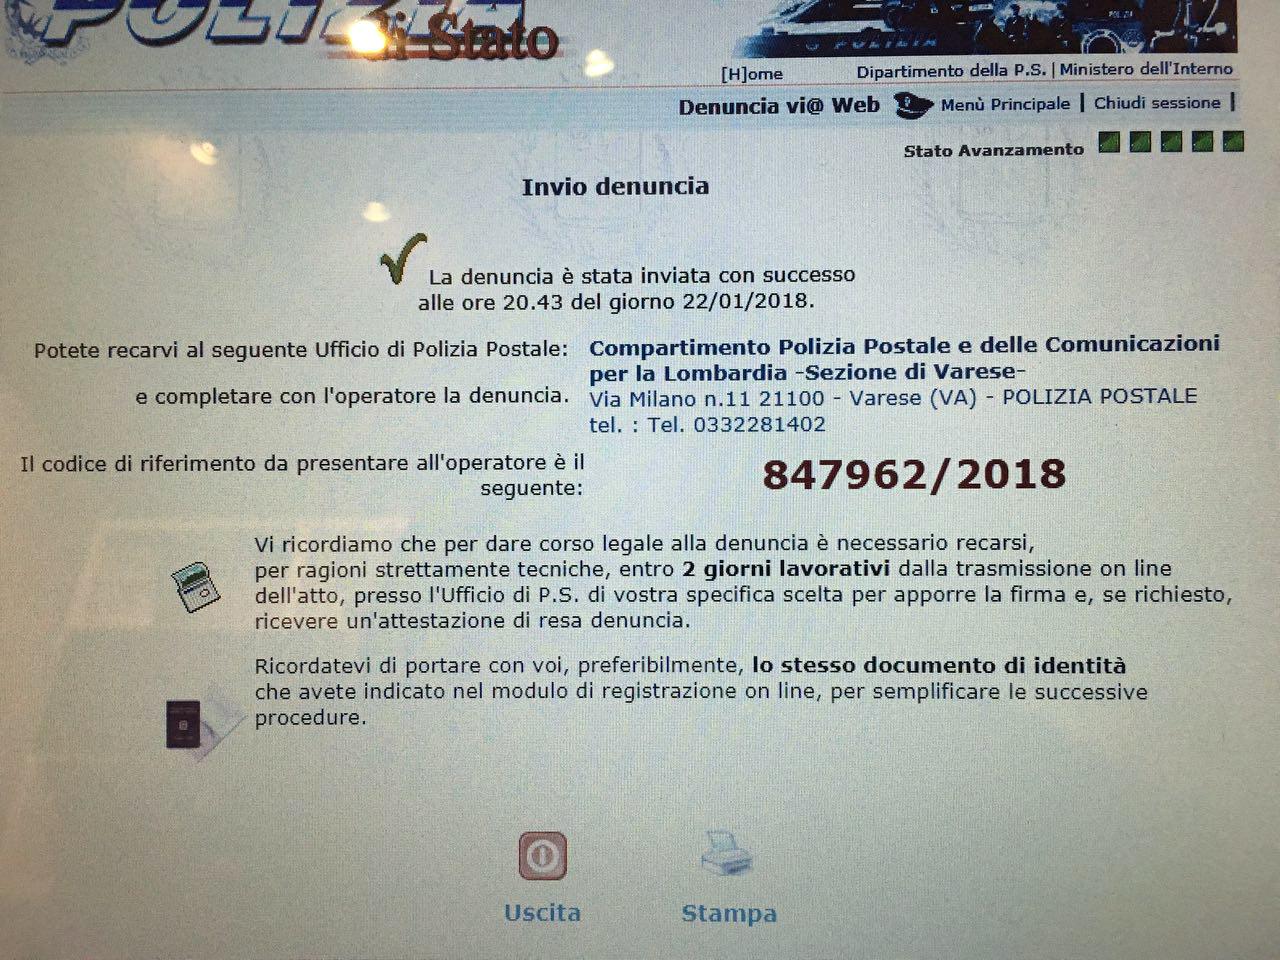 Denuncia di AssoCareNews.it alla Polizia Postale.